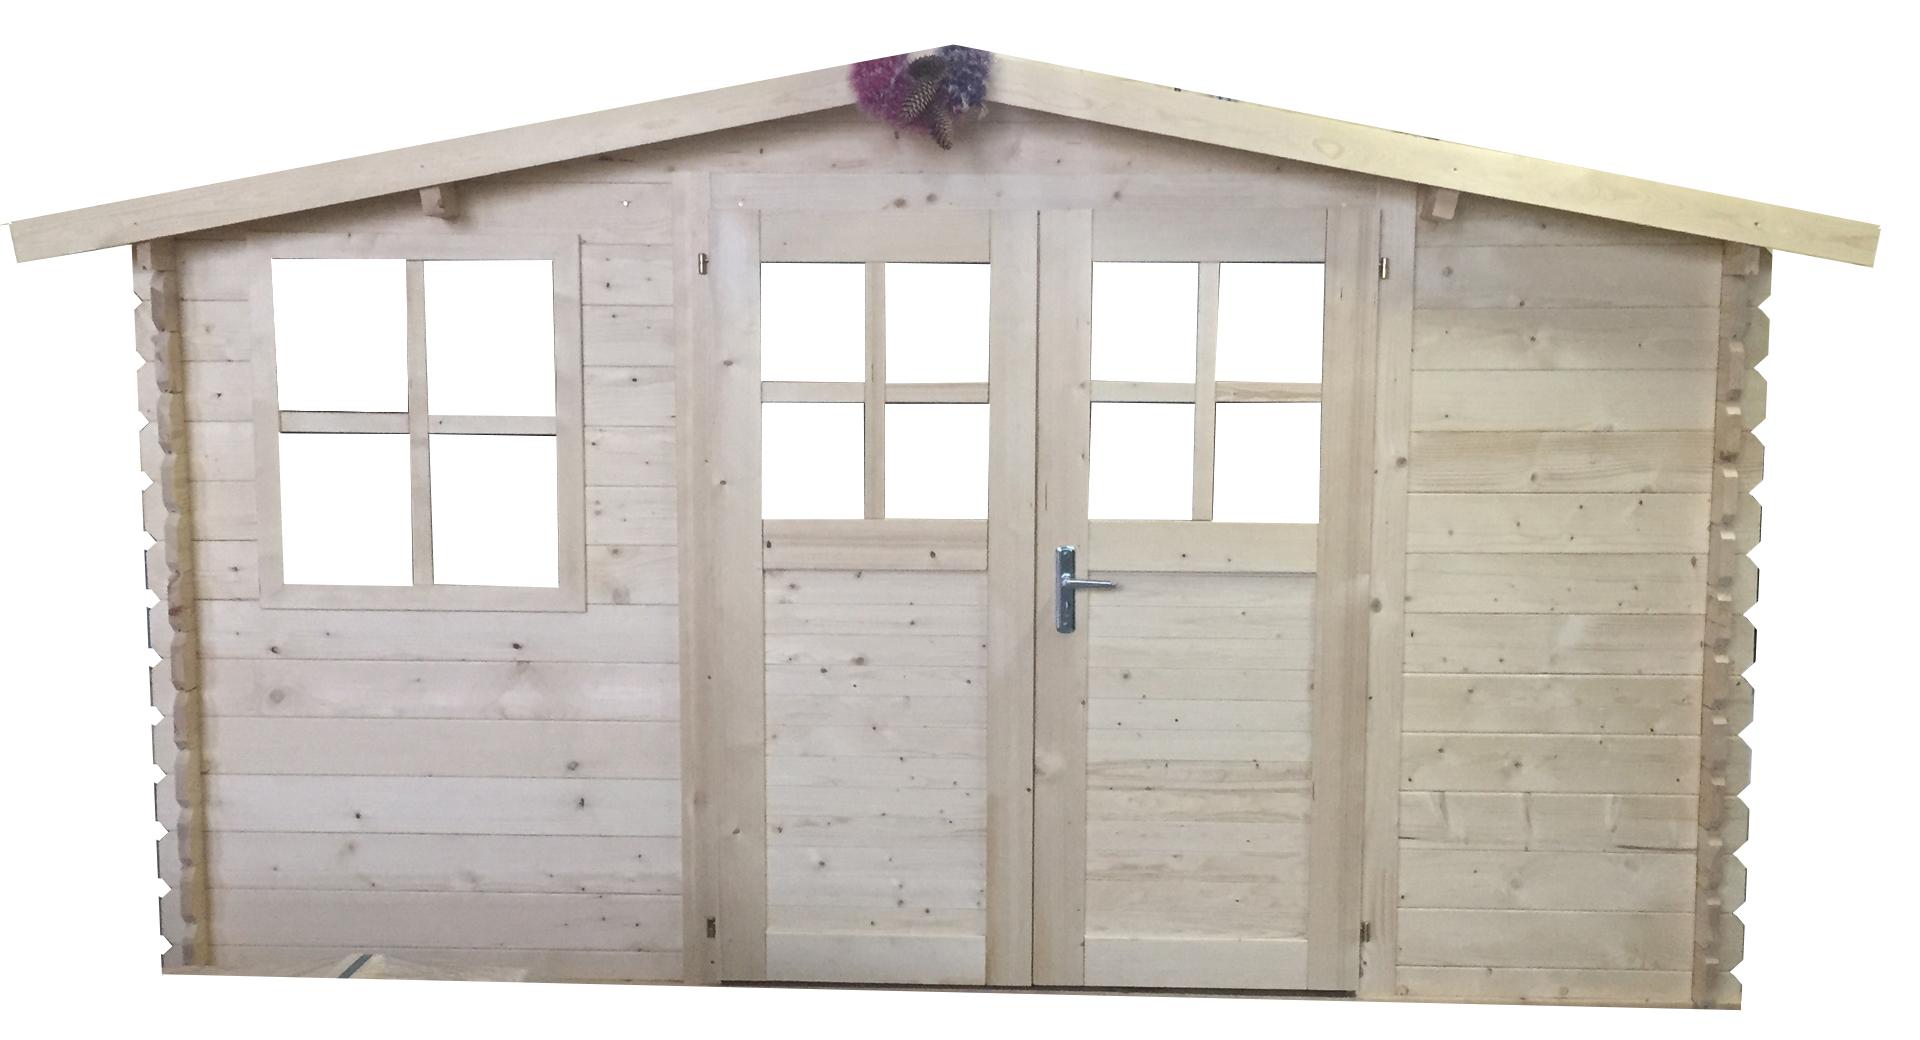 Abri de jardin classique 3 x 4m Achat en ligne ou dans notre magasin